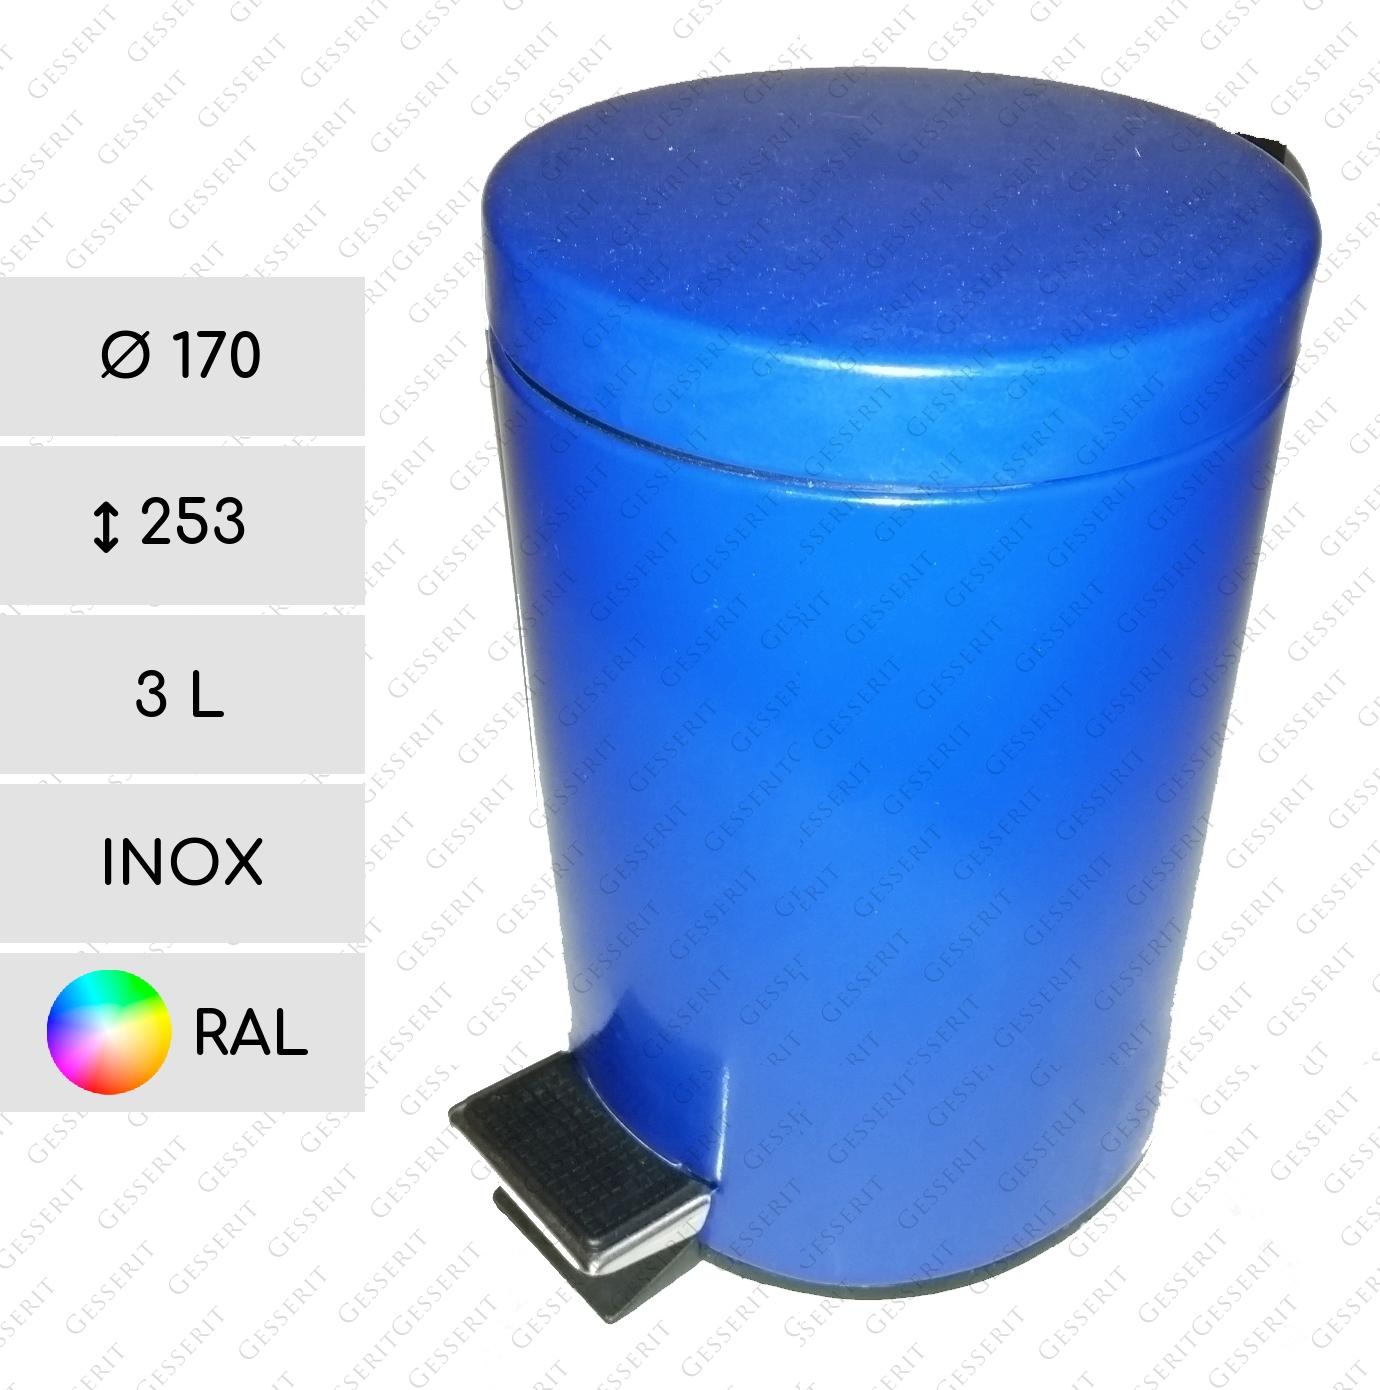 edelstahl m lleimer mit pedal 3 l edelstahl rostfrei in ral farben 170 x 253 mm. Black Bedroom Furniture Sets. Home Design Ideas